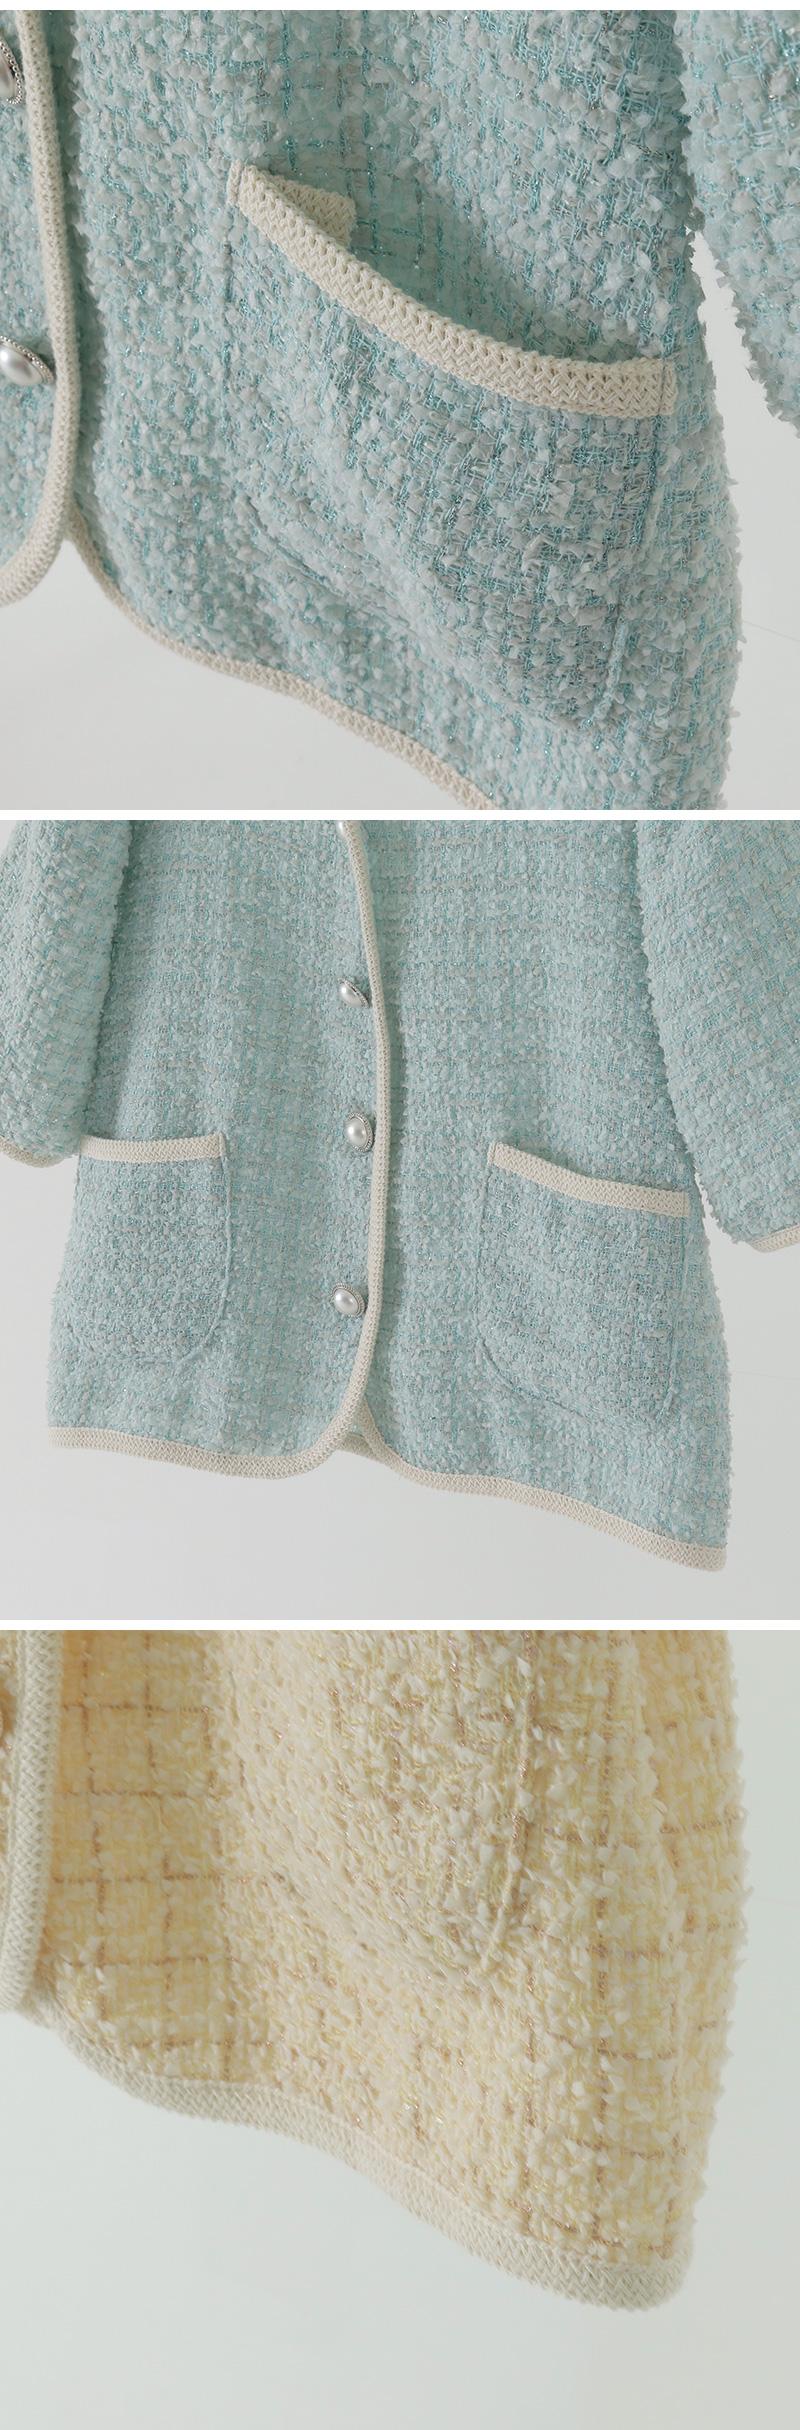 ERIEL Tweed Half Cardigan